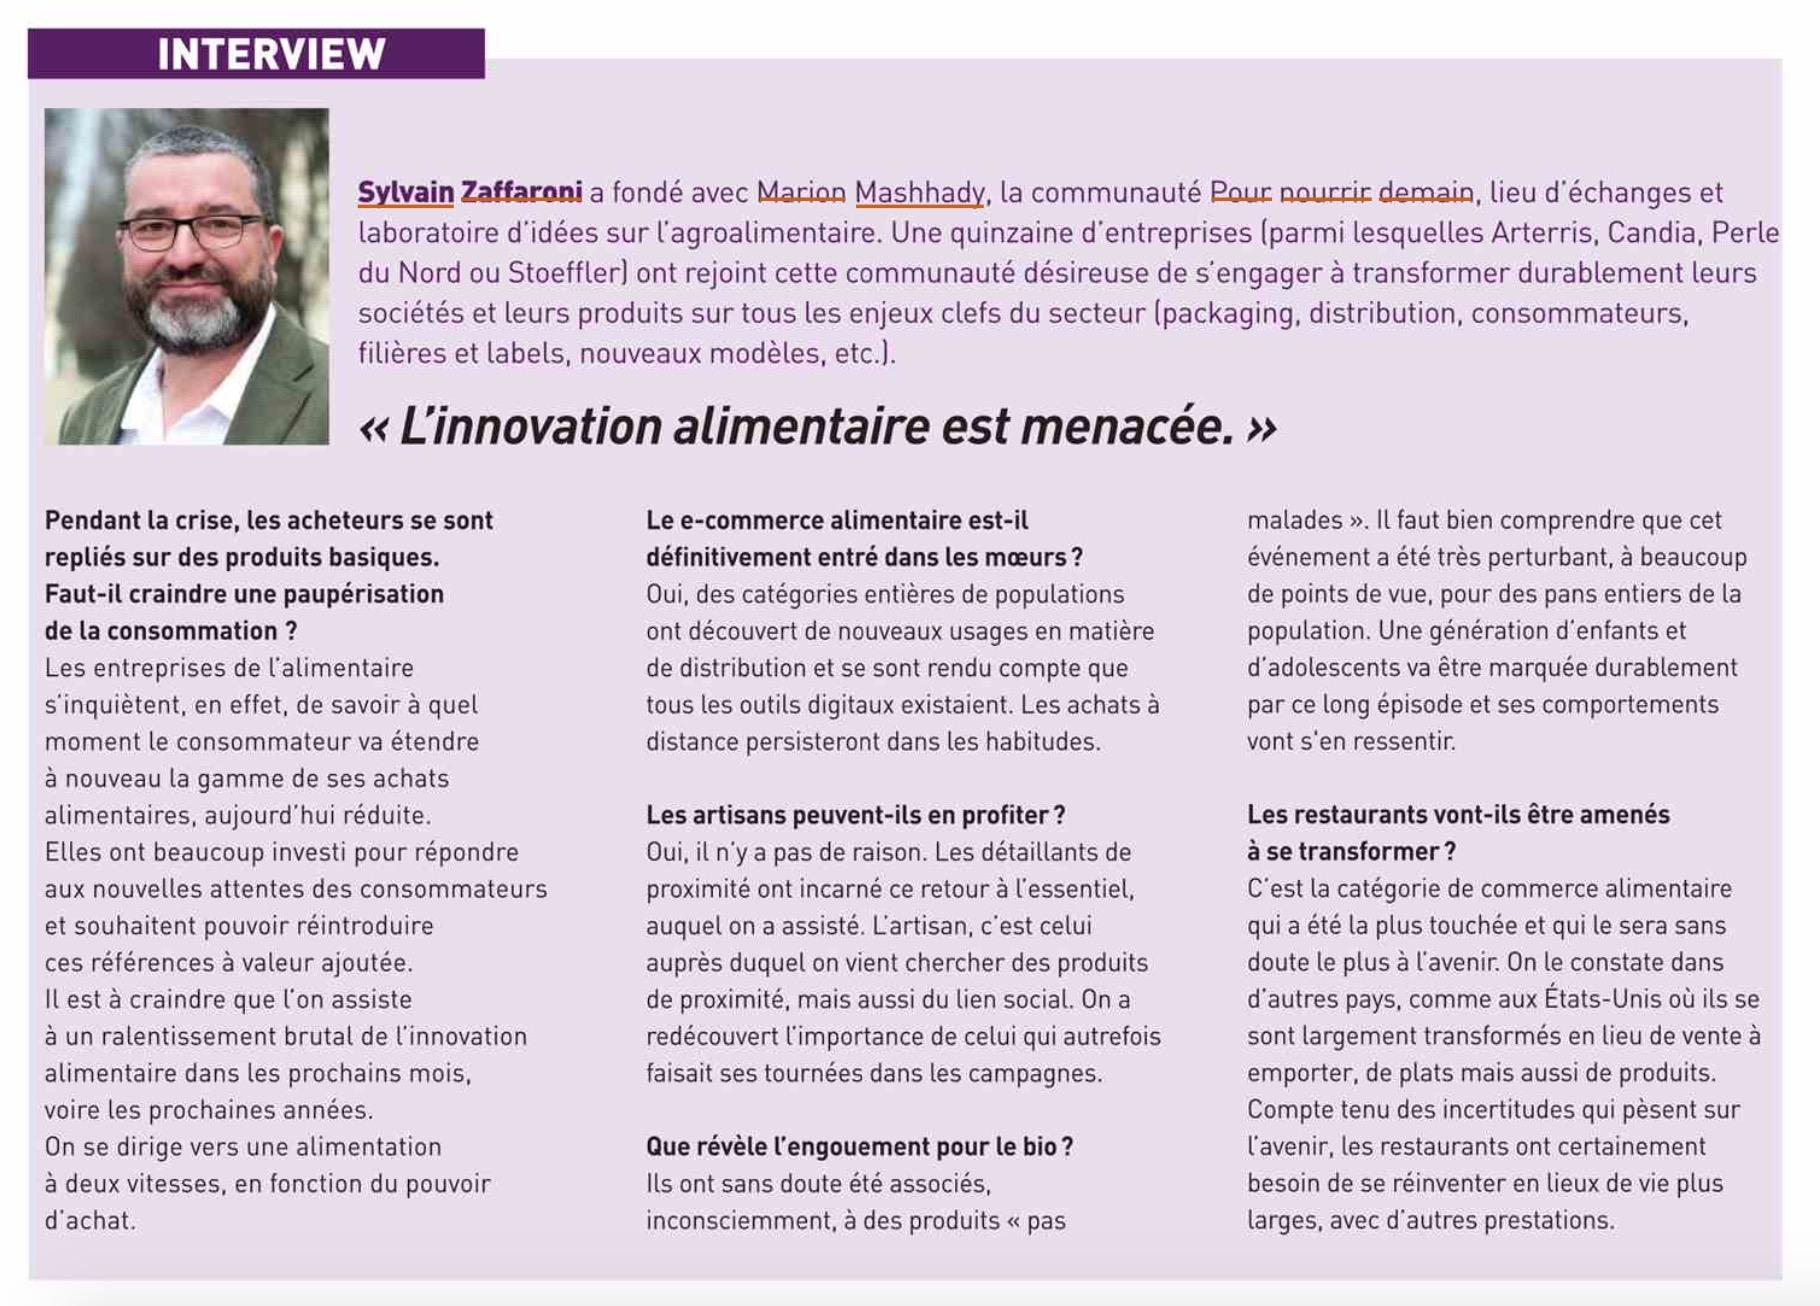 Capture d'écran 2020 06 03 à 18.06.48 - Interview dans le magazine Rungis actualité